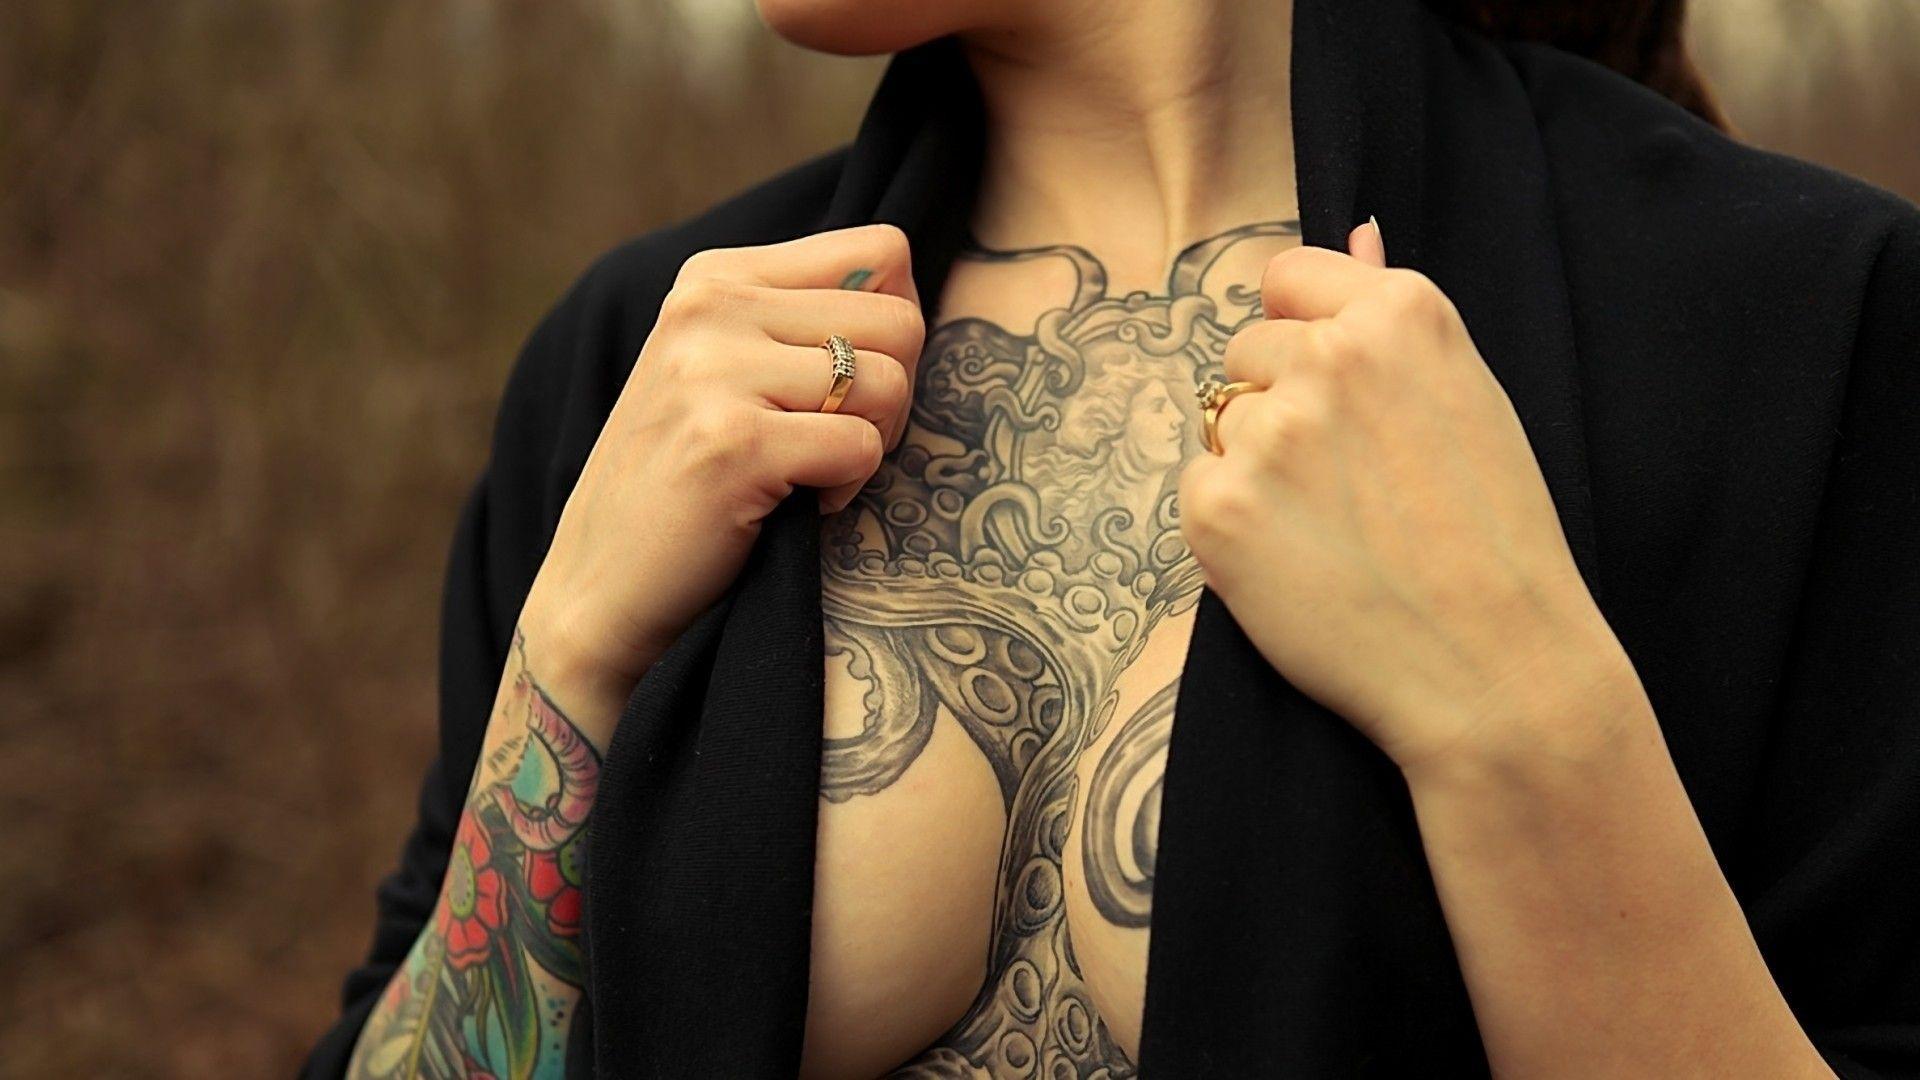 Tattoo wallpaper